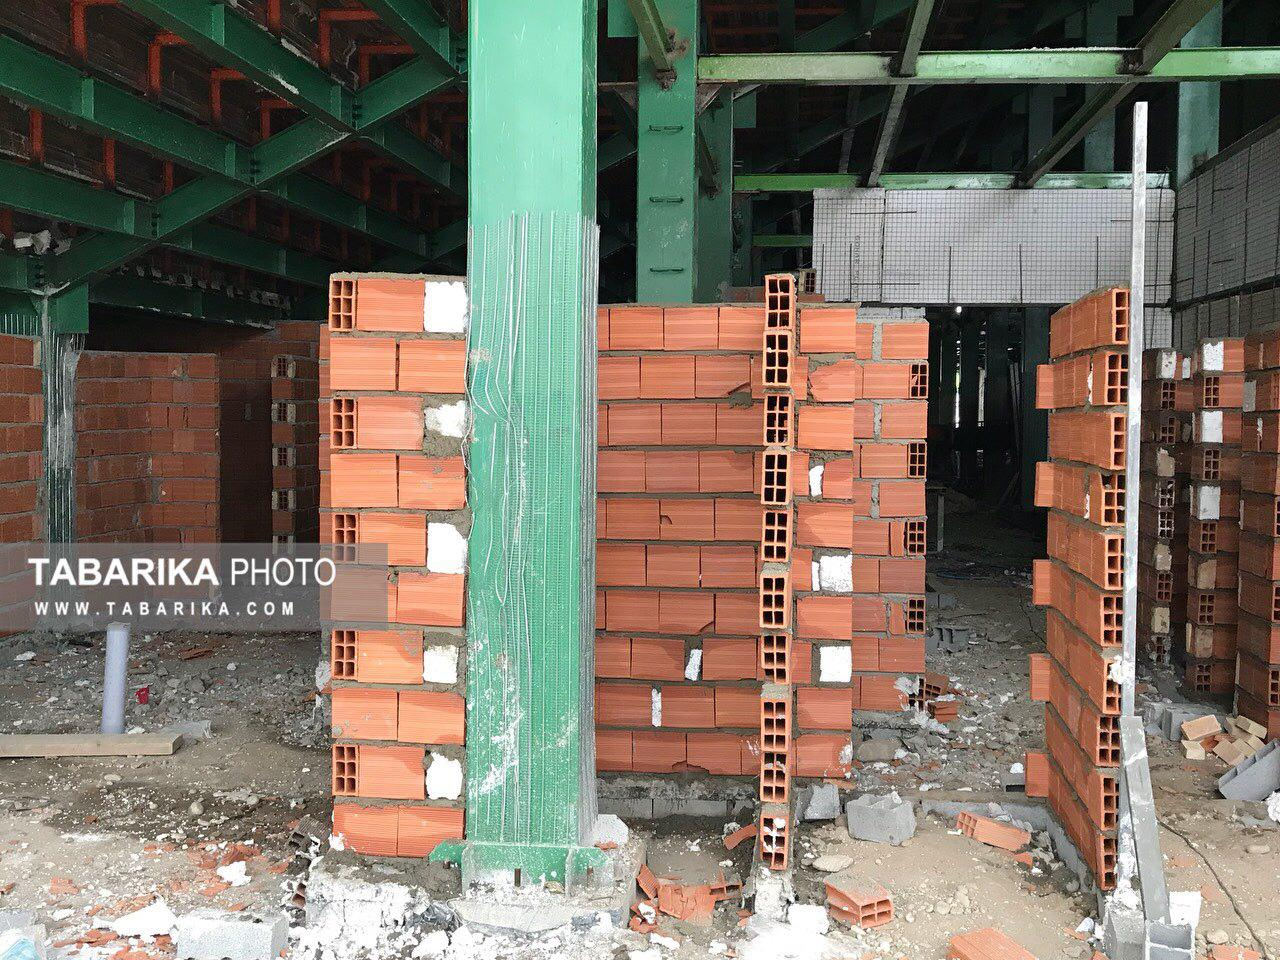 گزارش تبریکا از آخرین وضعیت بازسازی وطنی؛ تقریباً متوقف!